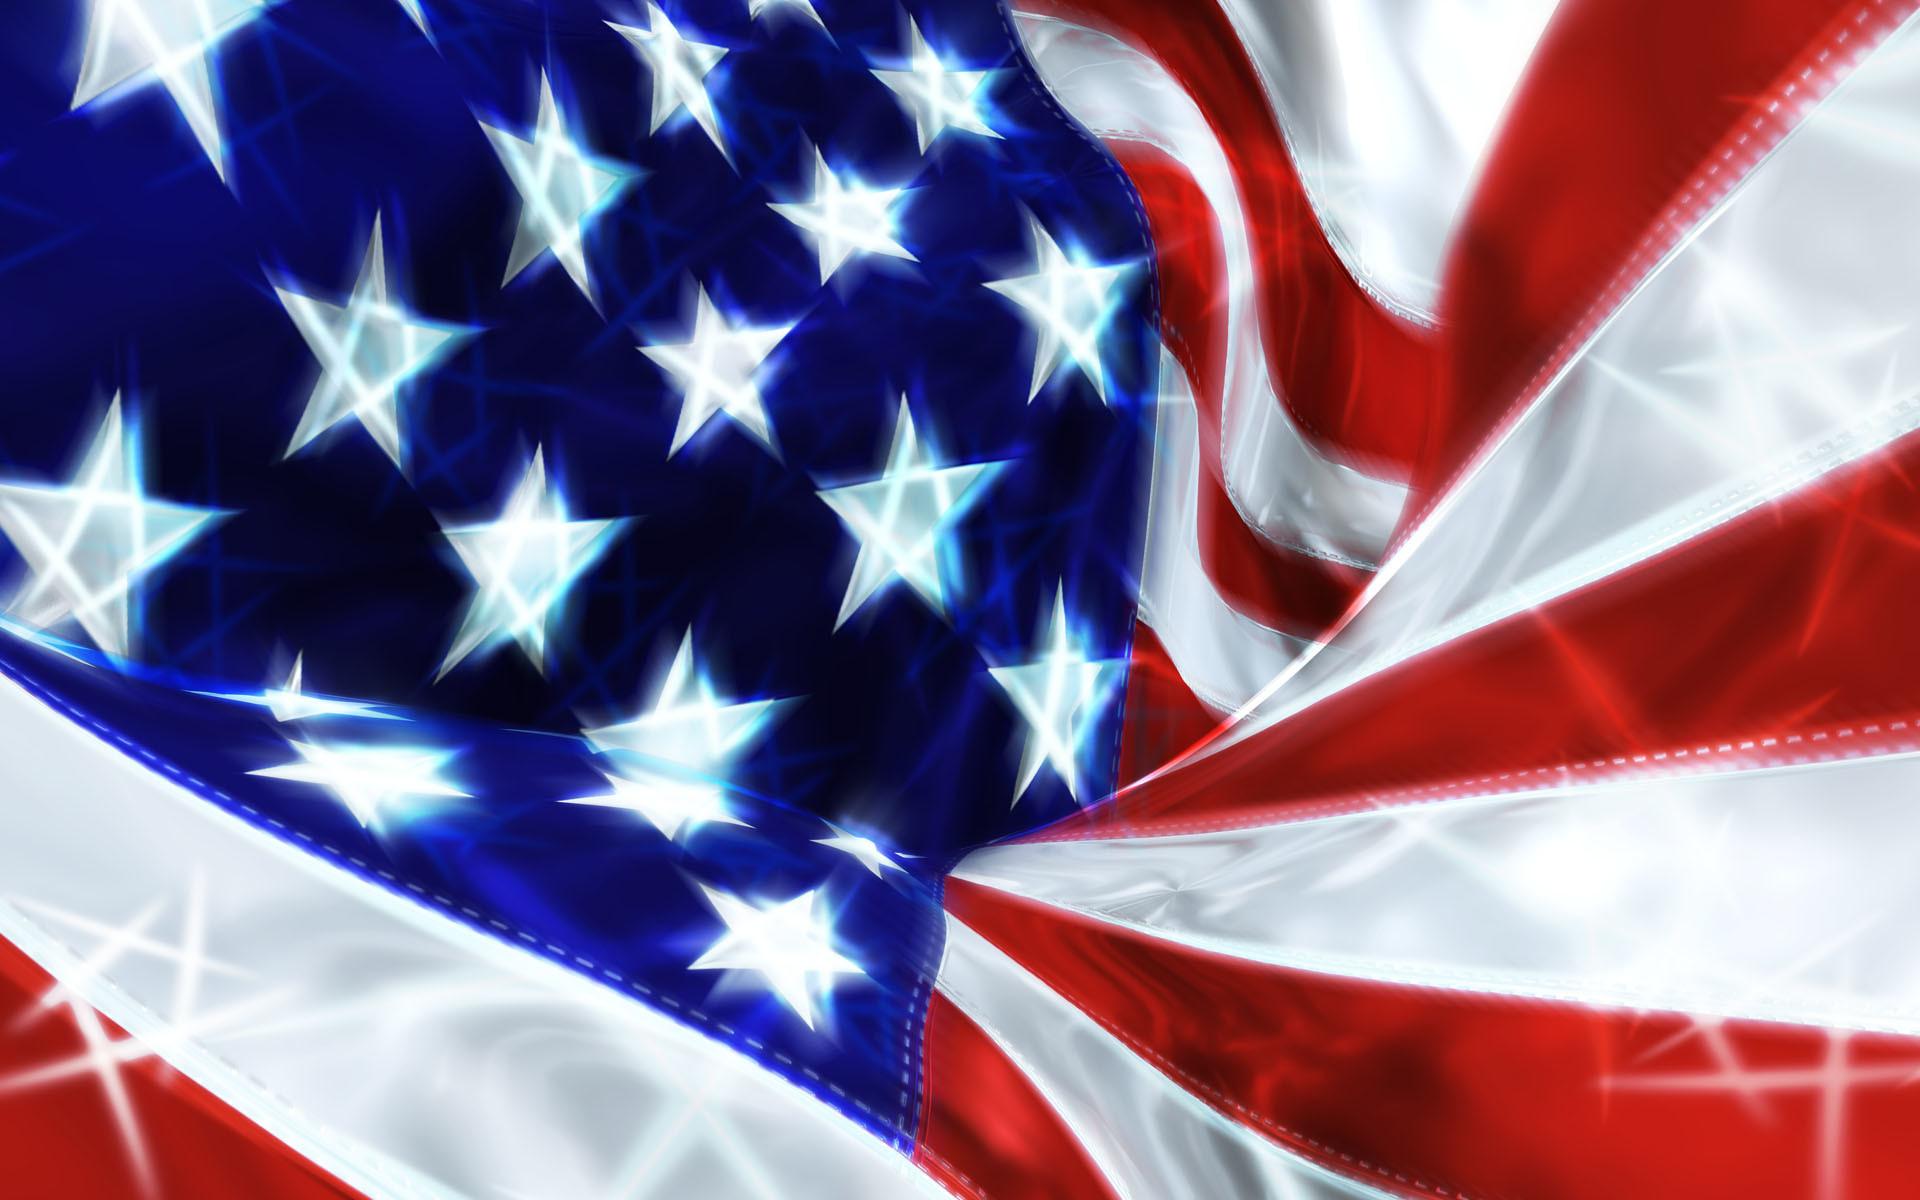 American Flag Wallpaper Widescreen HD wallpaper background